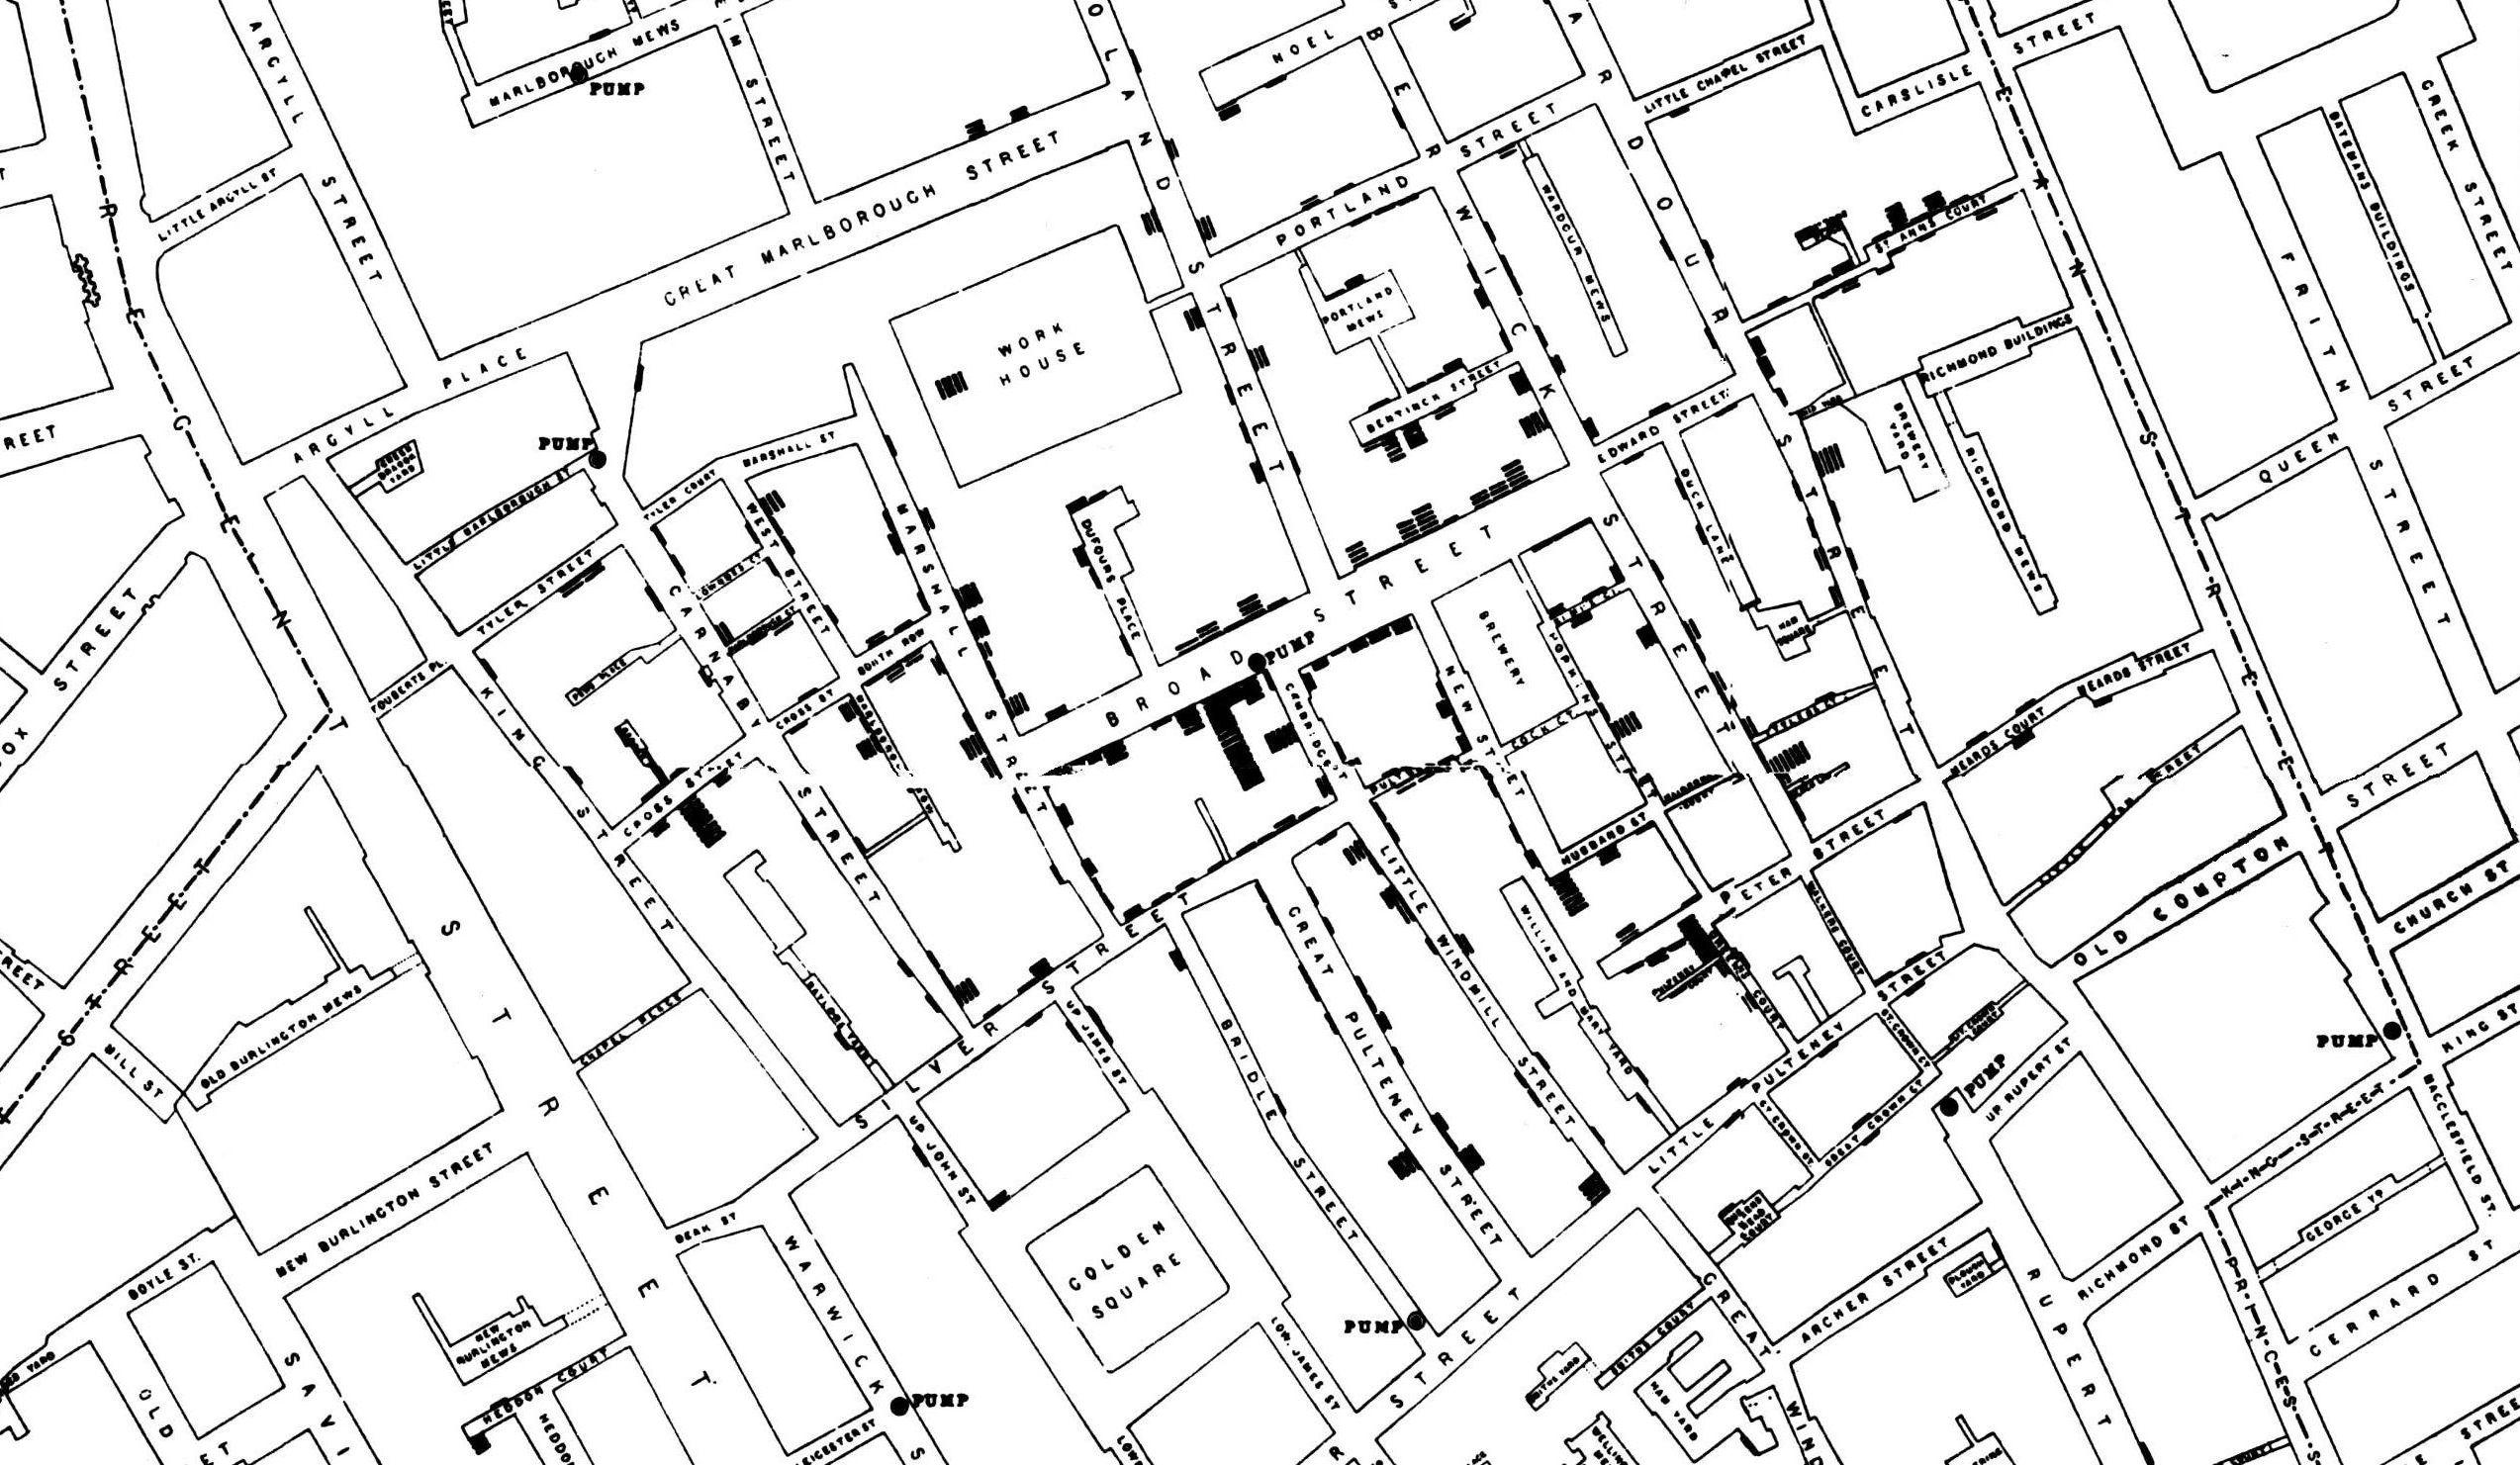 Карта смертей от холеры в Сохо, составленная Джоном Сноу в 1854 году